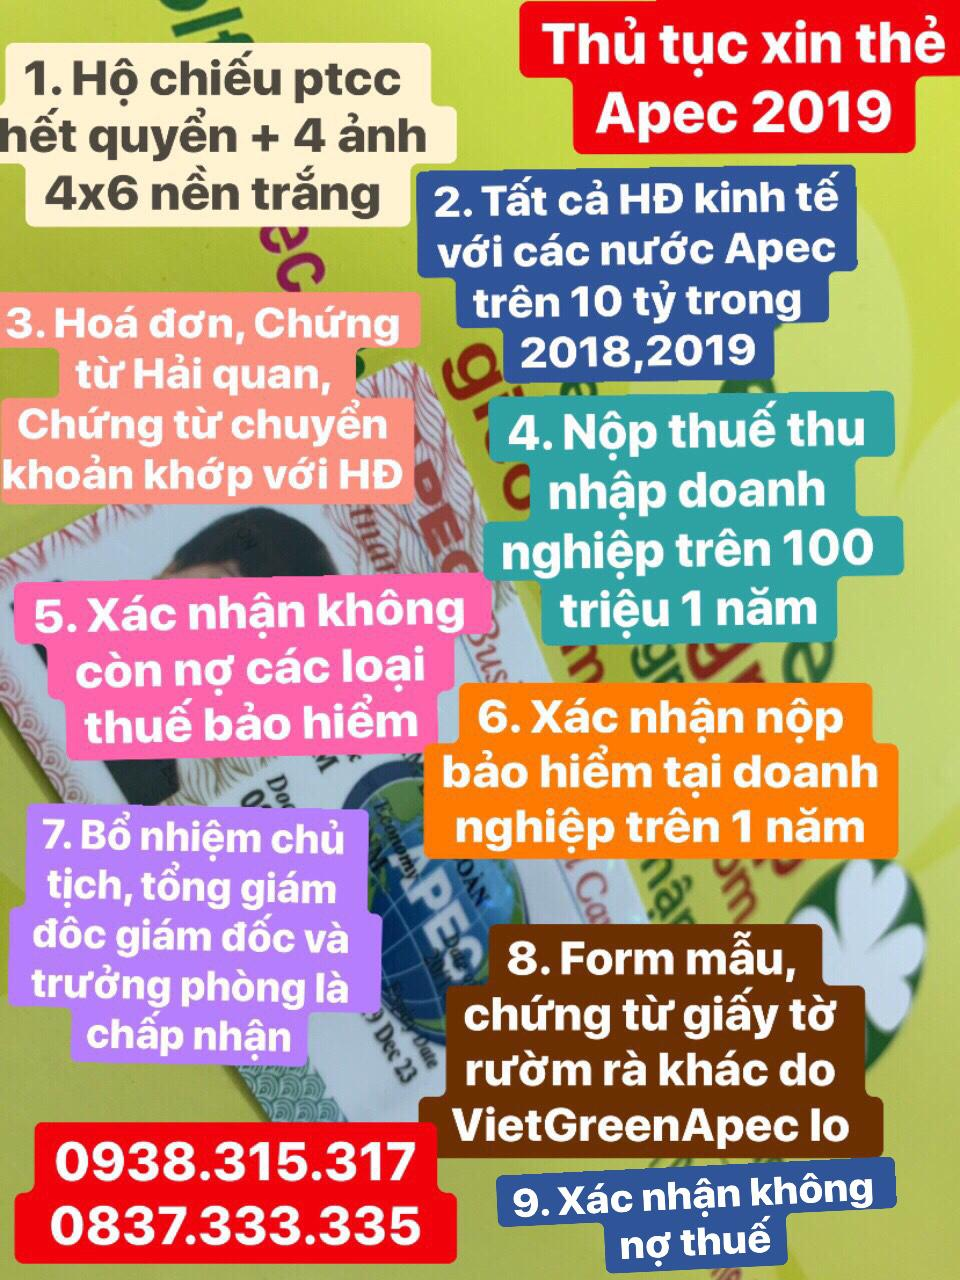 Thẻ Doanh nhân APEC tại Hồ Chí Minh còn hạn thì có gia hạn được không